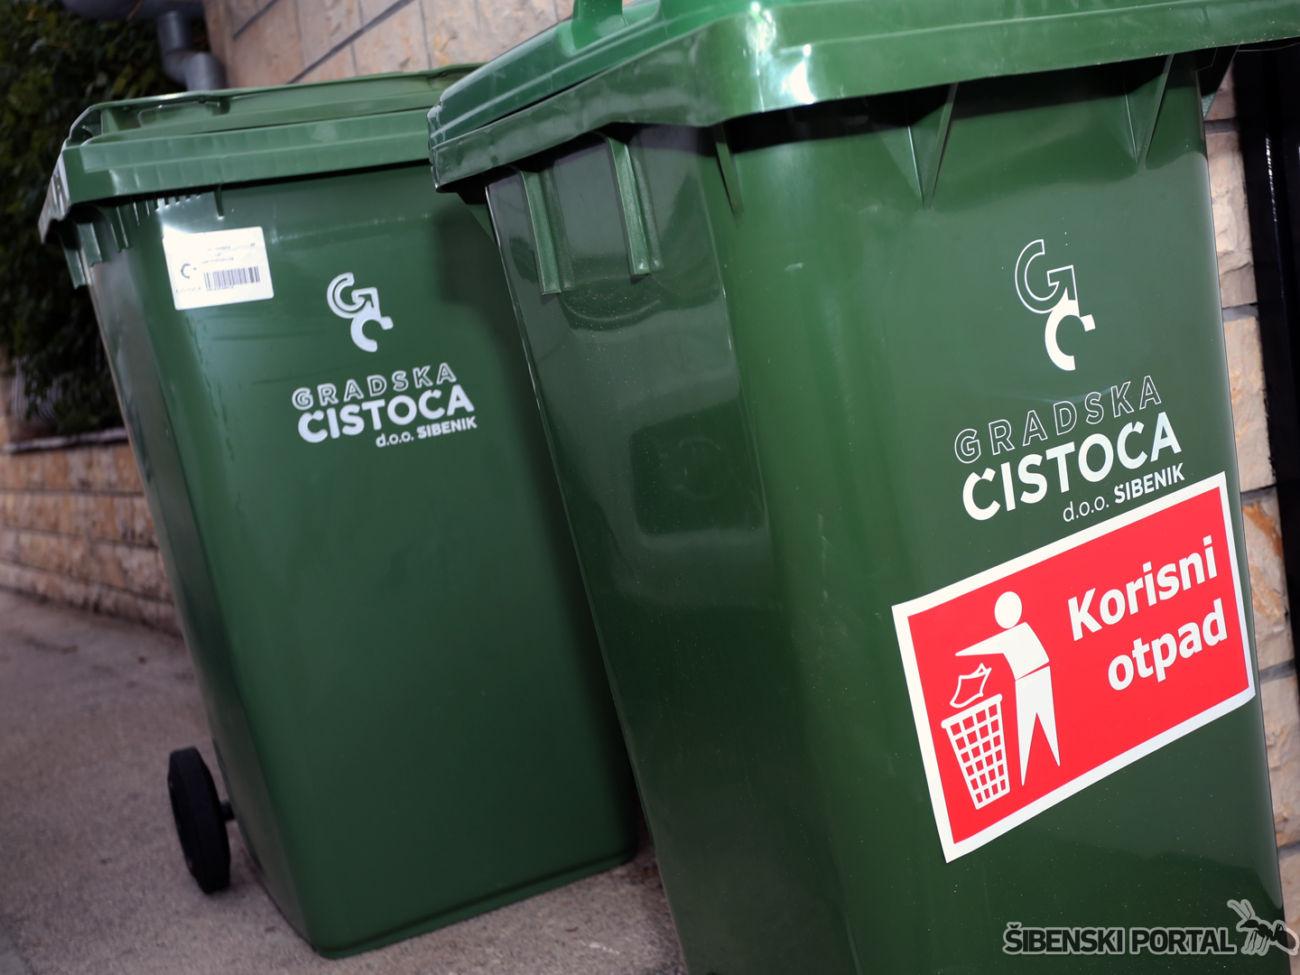 njivice-prokljanska-gradska-cistoca-061016-3